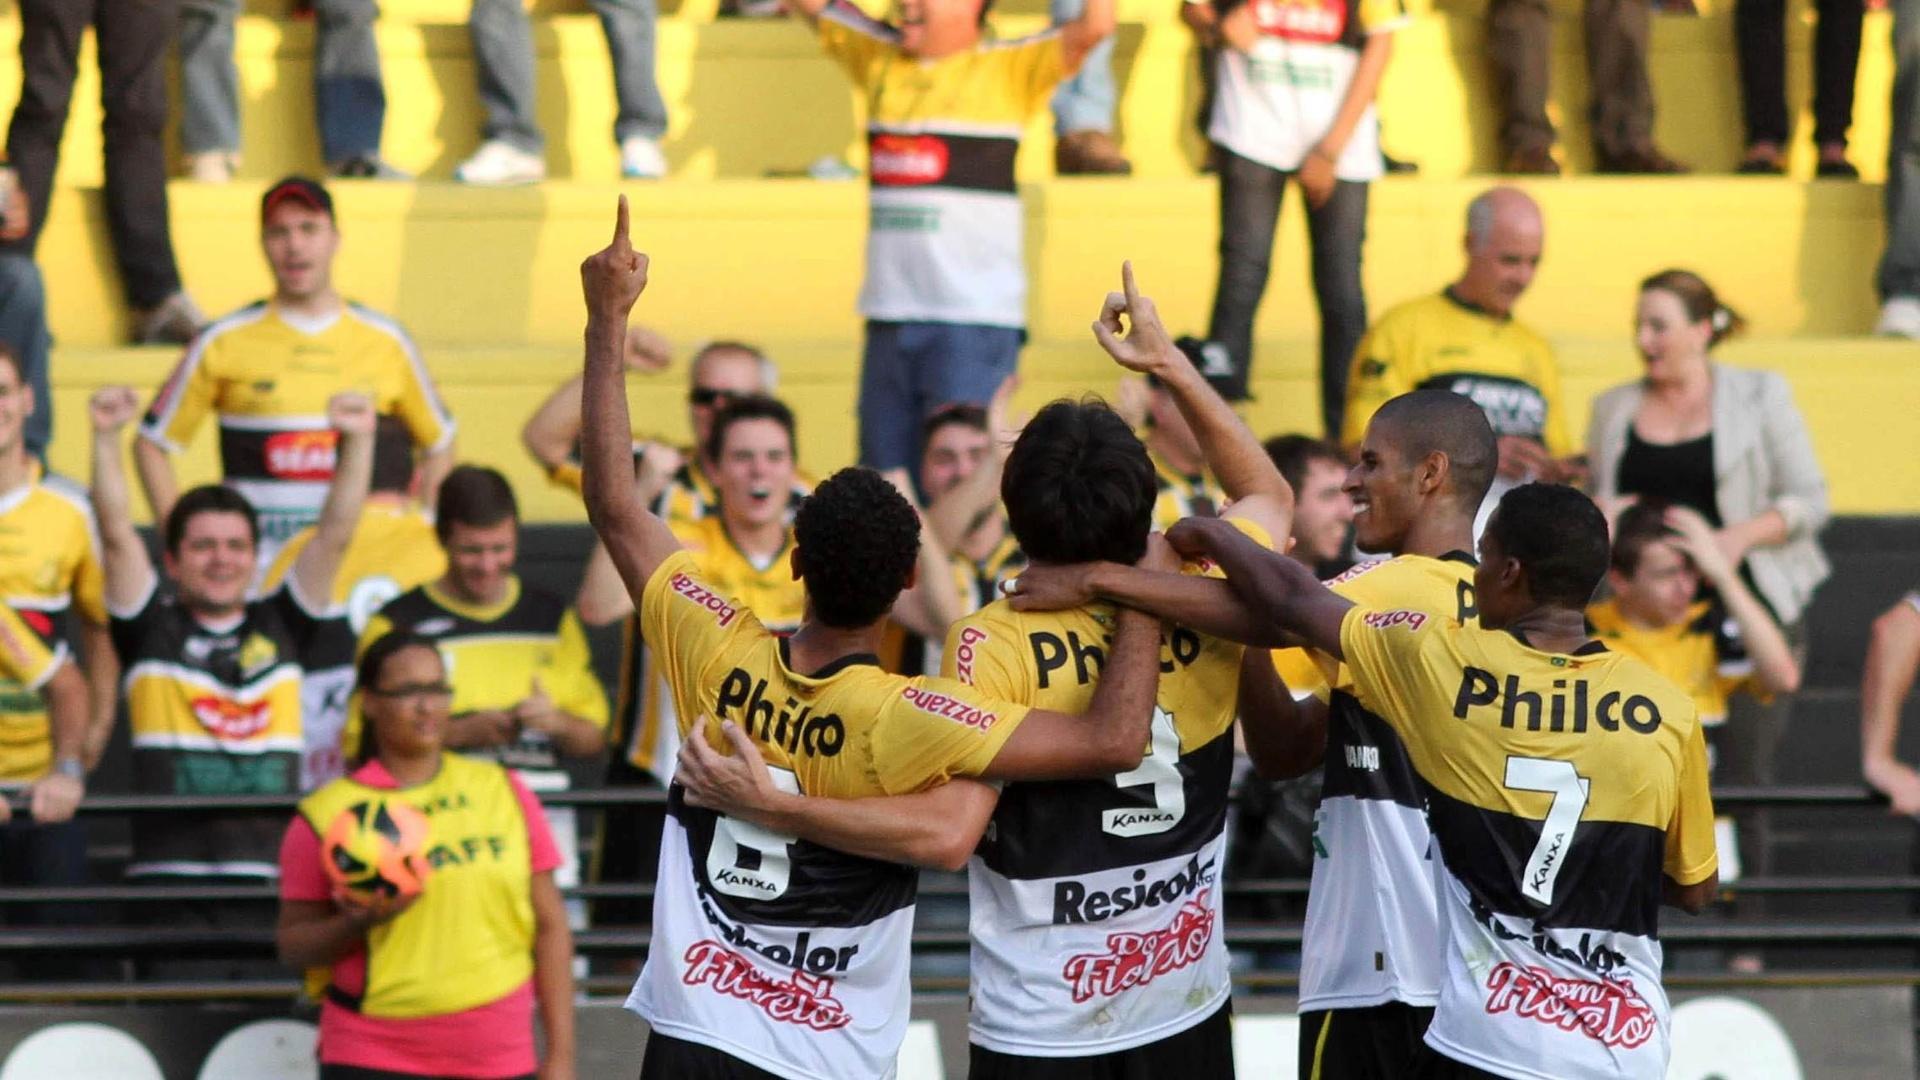 Jogadores do Criciúma comemoram um dos gols na vitória por 3 a 1 sobre o Bahia, na primeira rodada do Campeonato Brasileiro